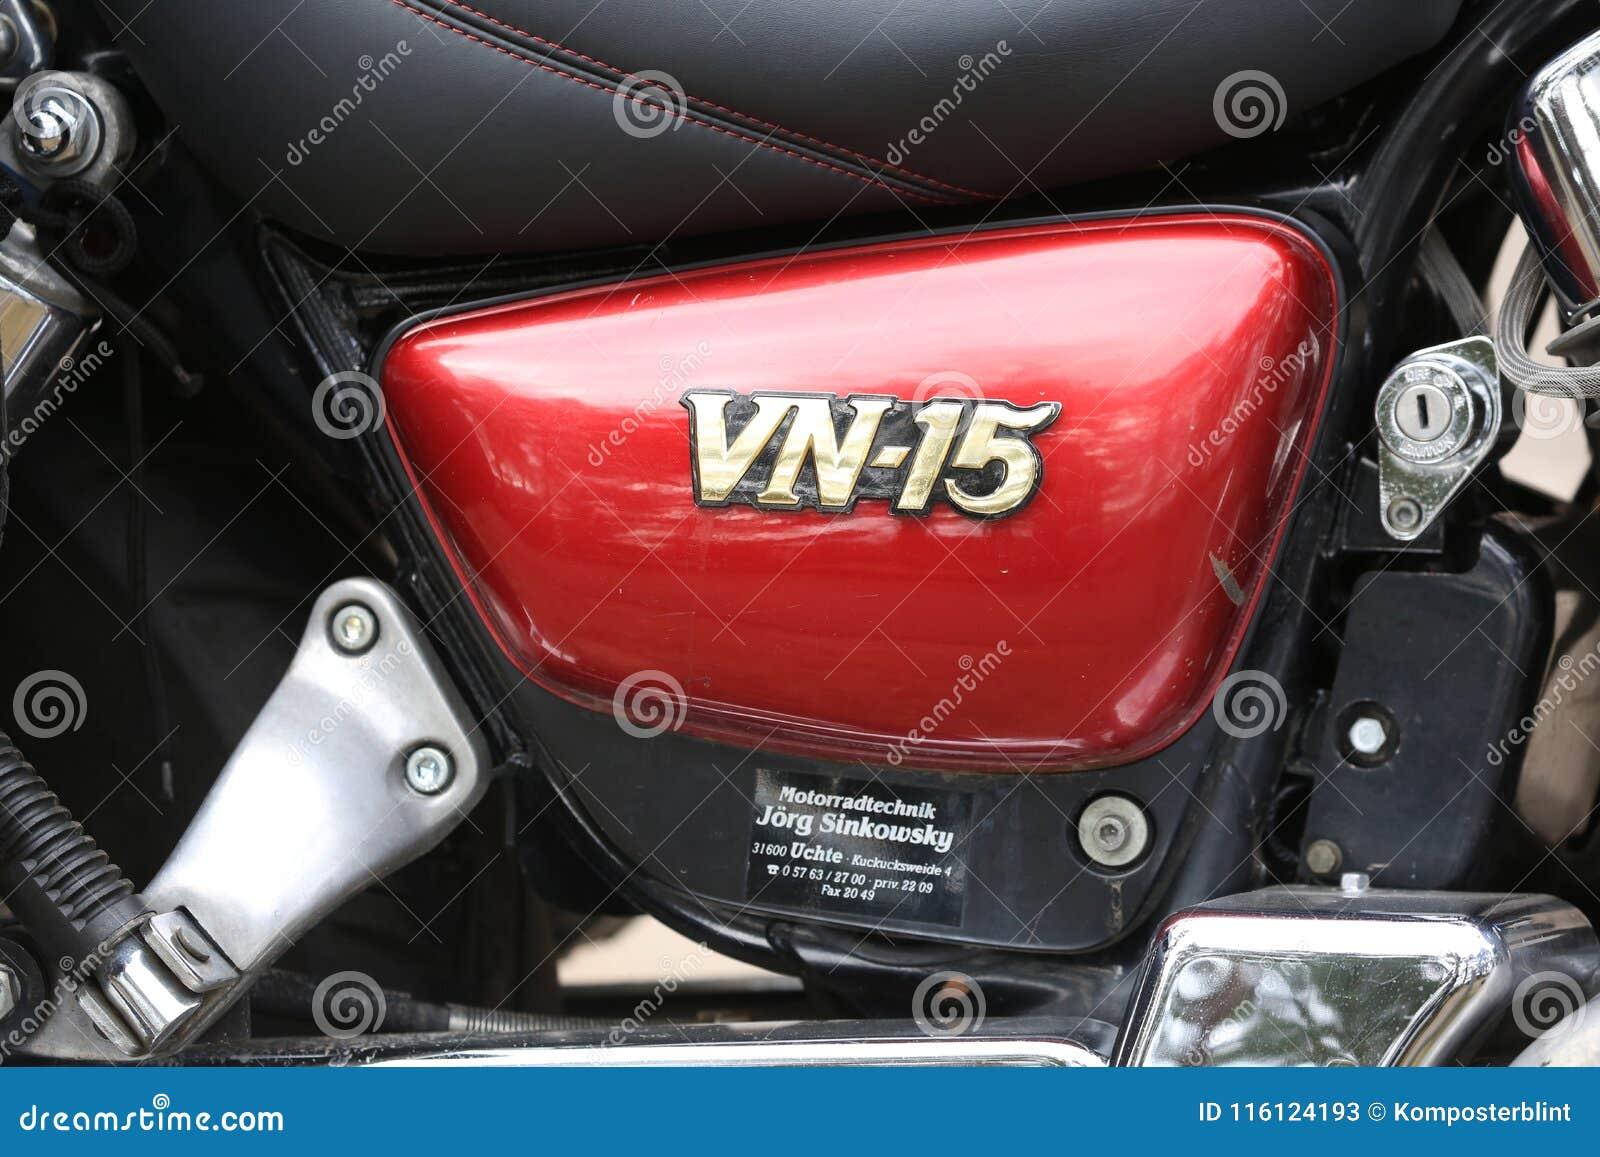 Navigation Verticale 1500 De Kawasaki Vulcan De Moto Rouge Et Noire